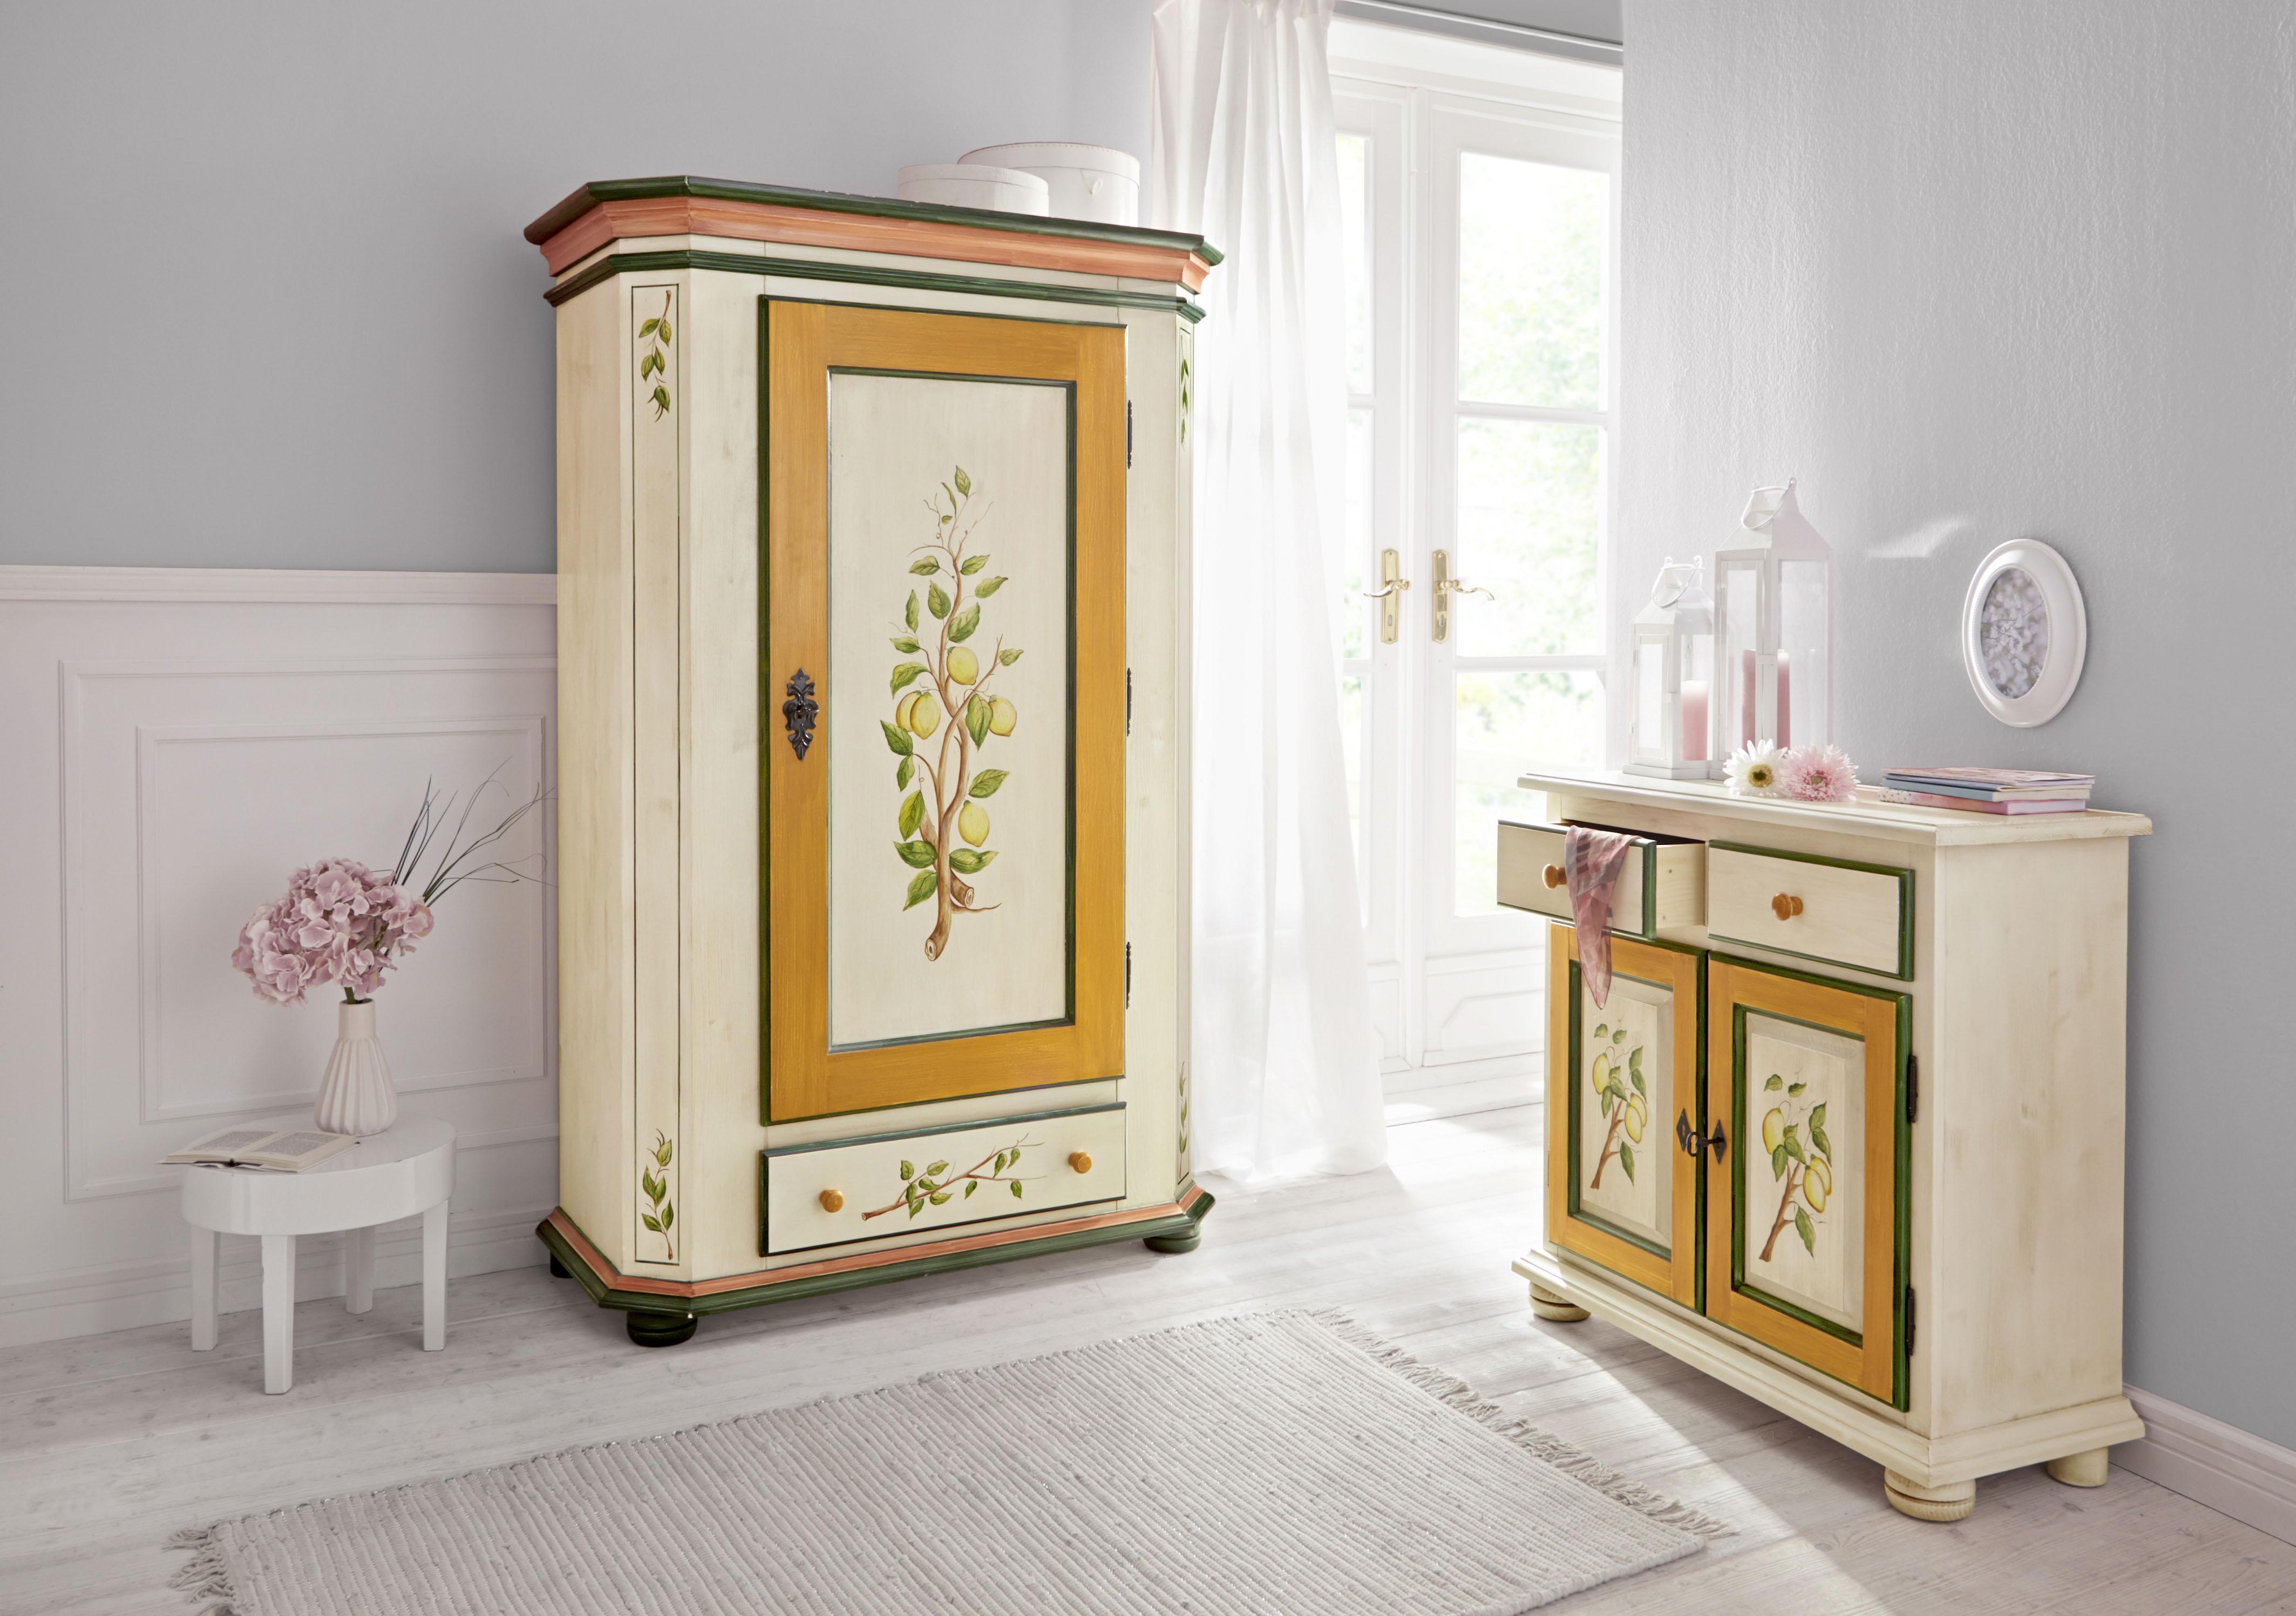 Home affaire Kleiderschrank Zitrone, mit schönem handgemalten Zitronengemälde, Breite 108 cm weiß Bauernschränke Schränke